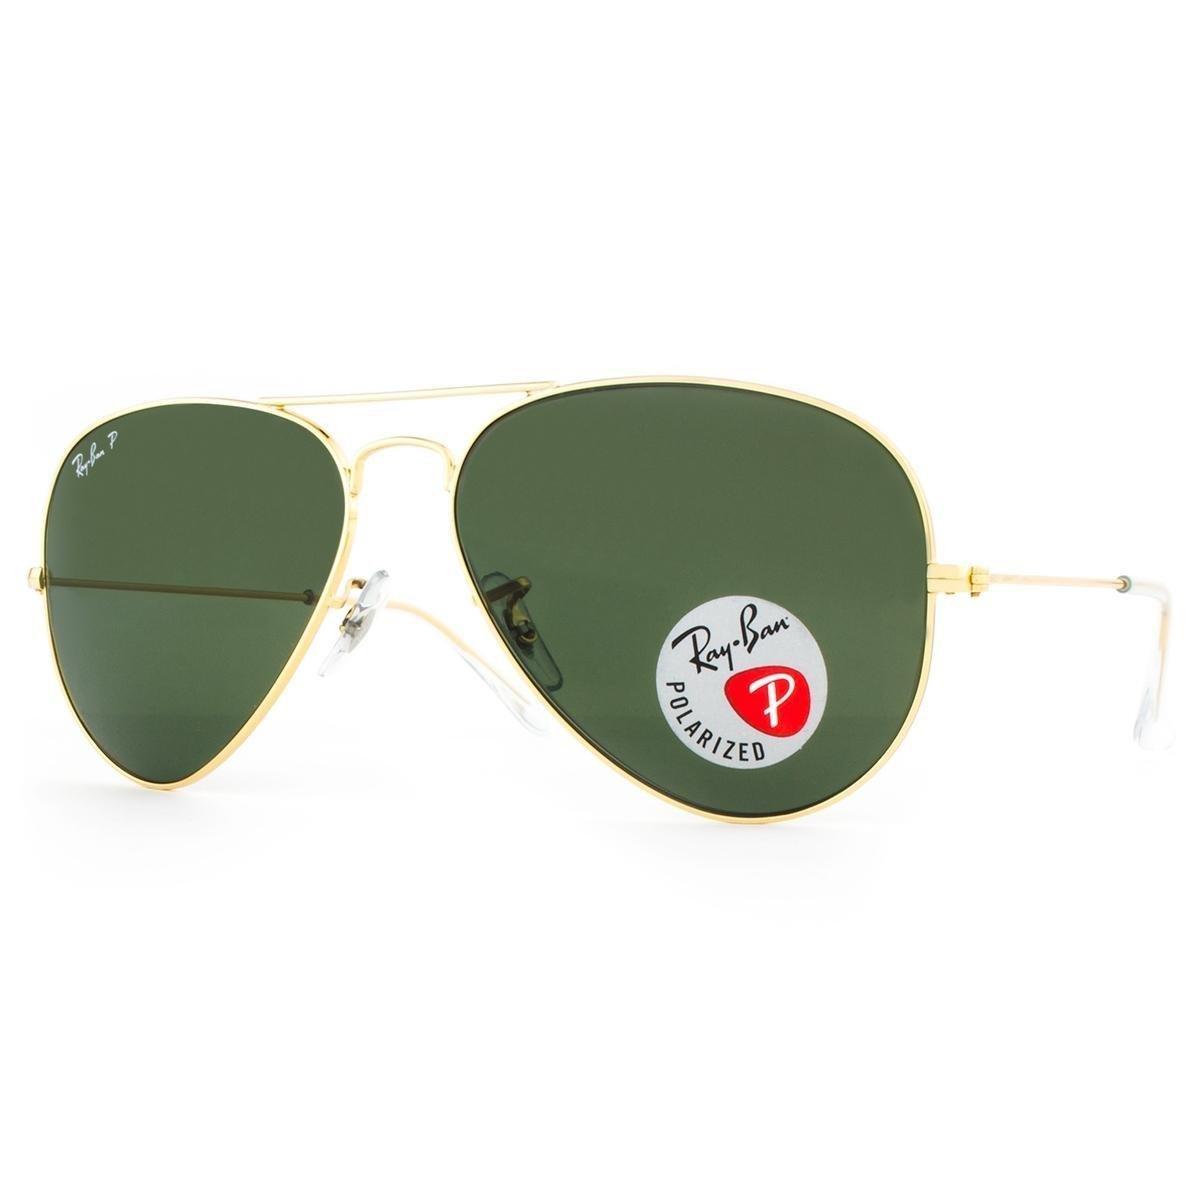 ... Óculos de Sol Ray Ban Aviator Polarizado RB3025L 001 58-58 Masculino ... 1125401133